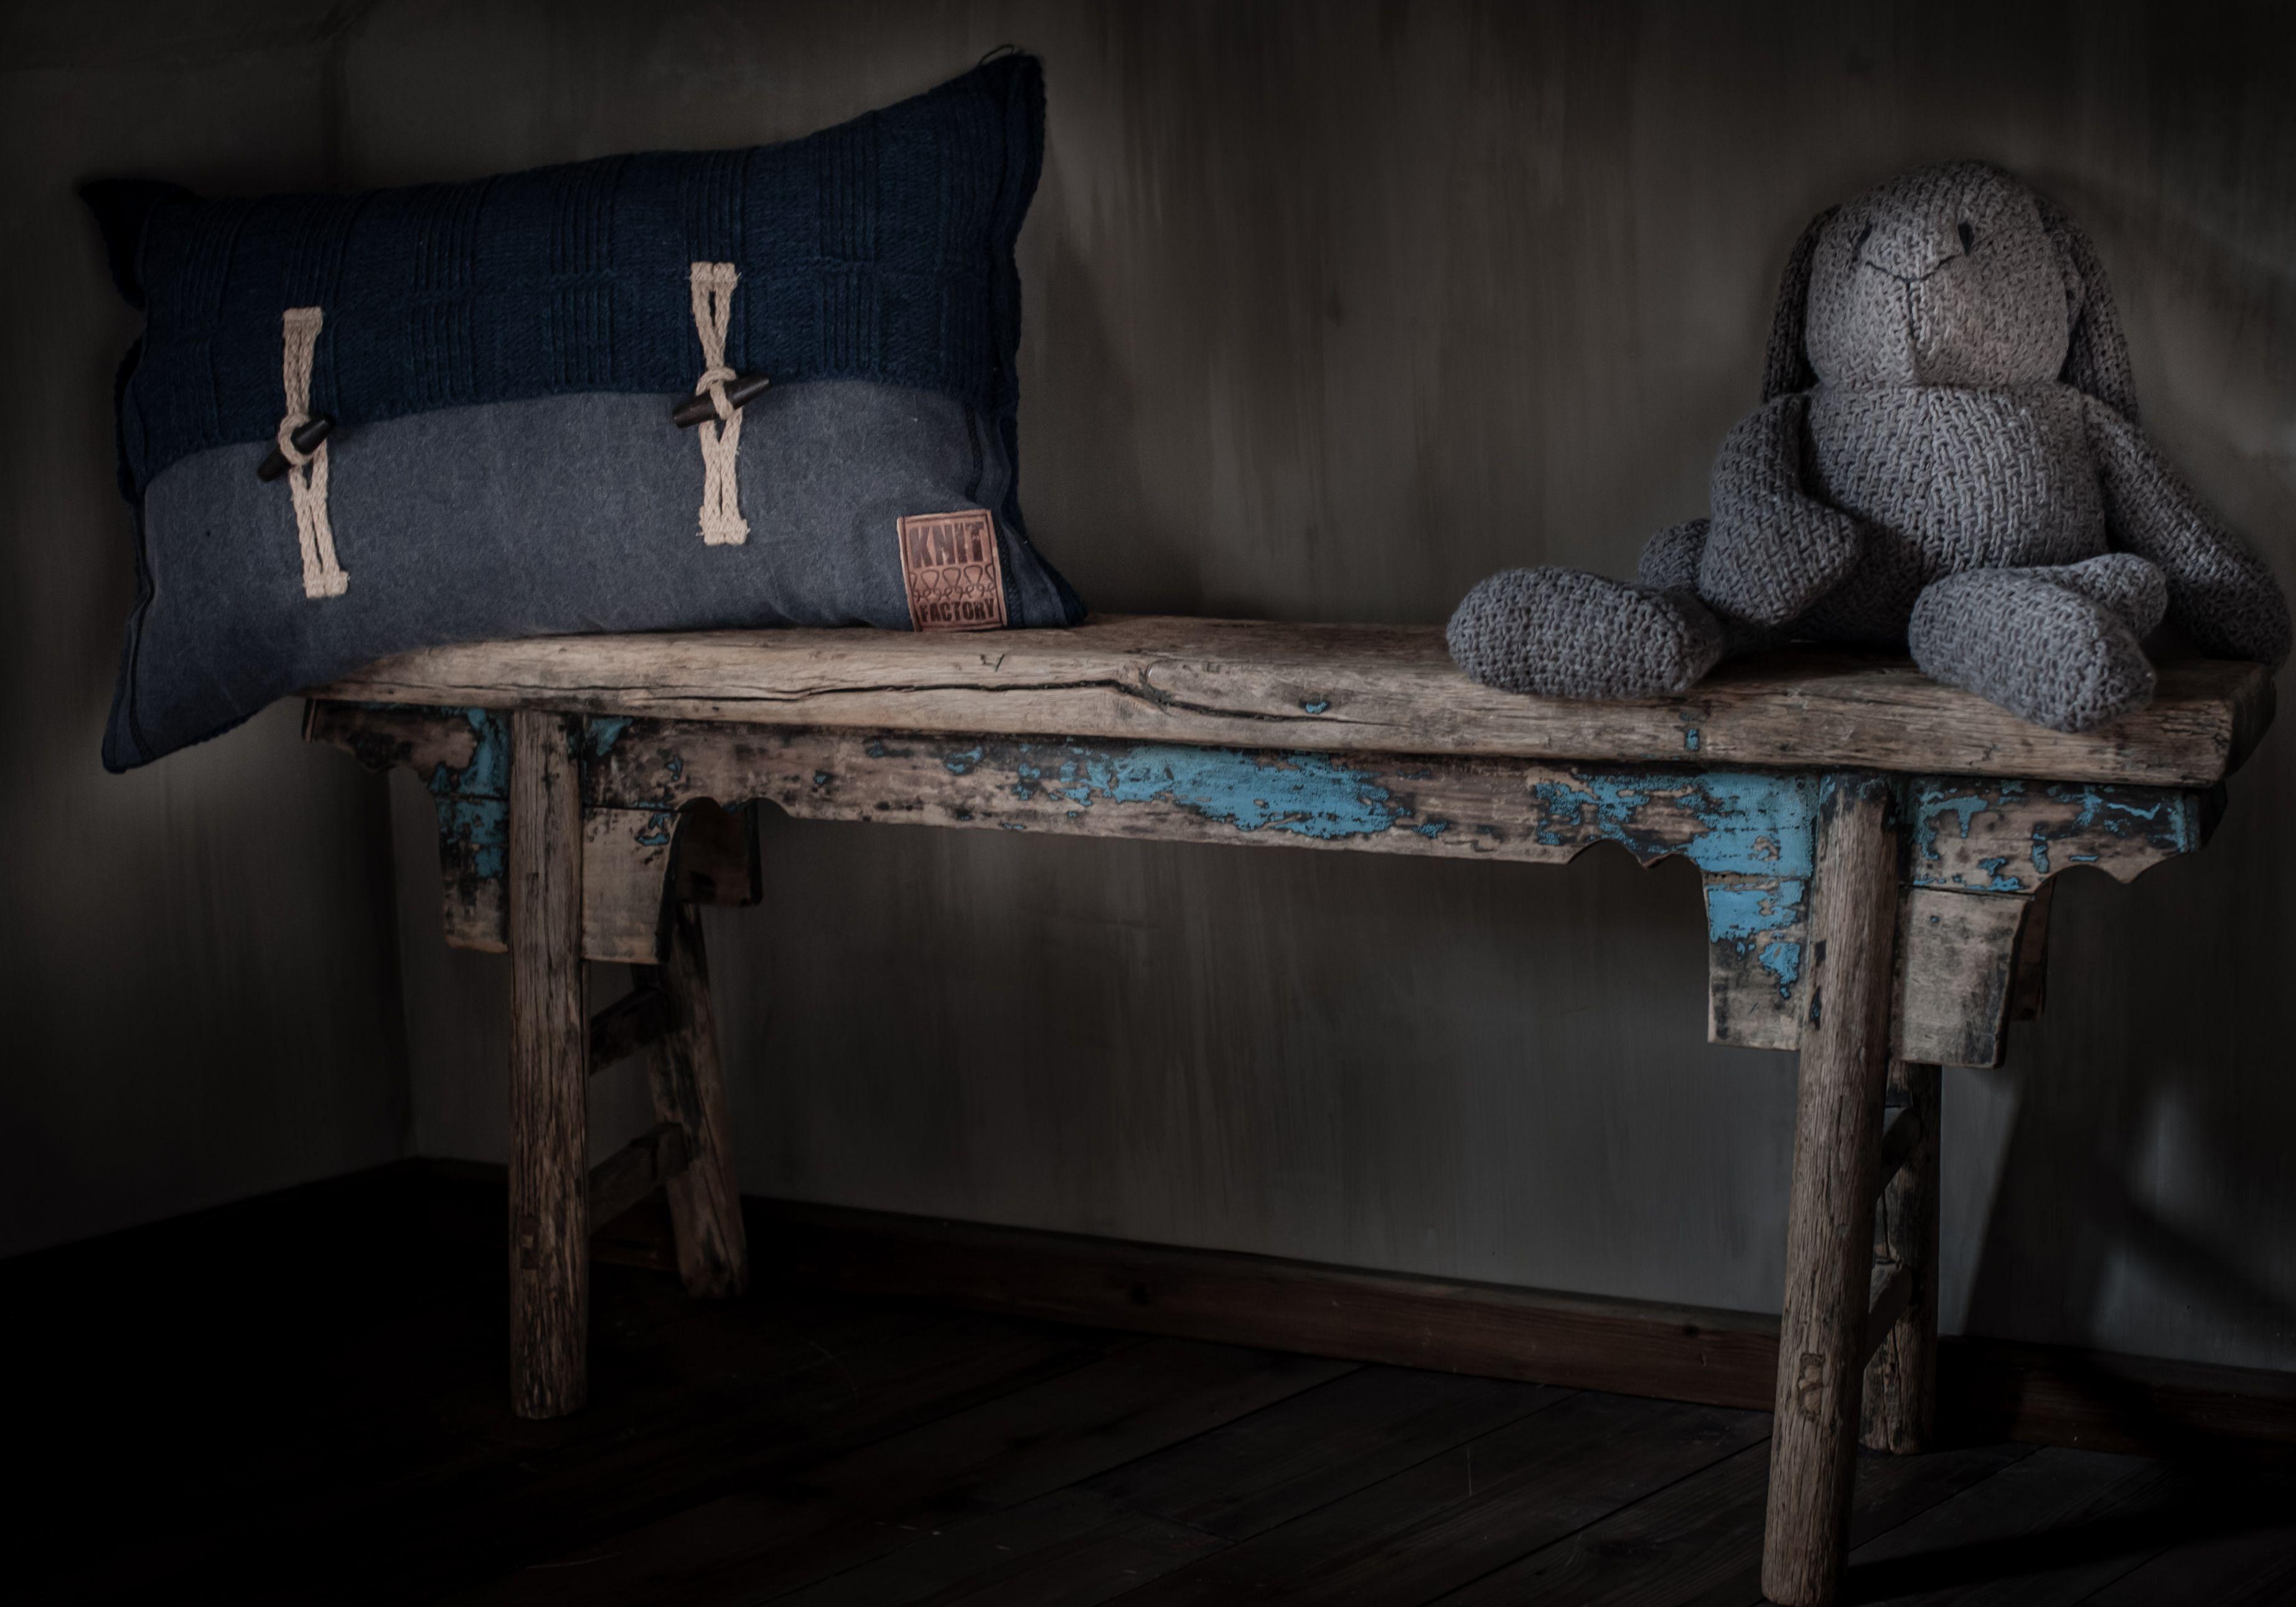 Landelijke babykamer en leuke decoratie van baby s only en knit factory landelijke - Babykamer decoratie ...